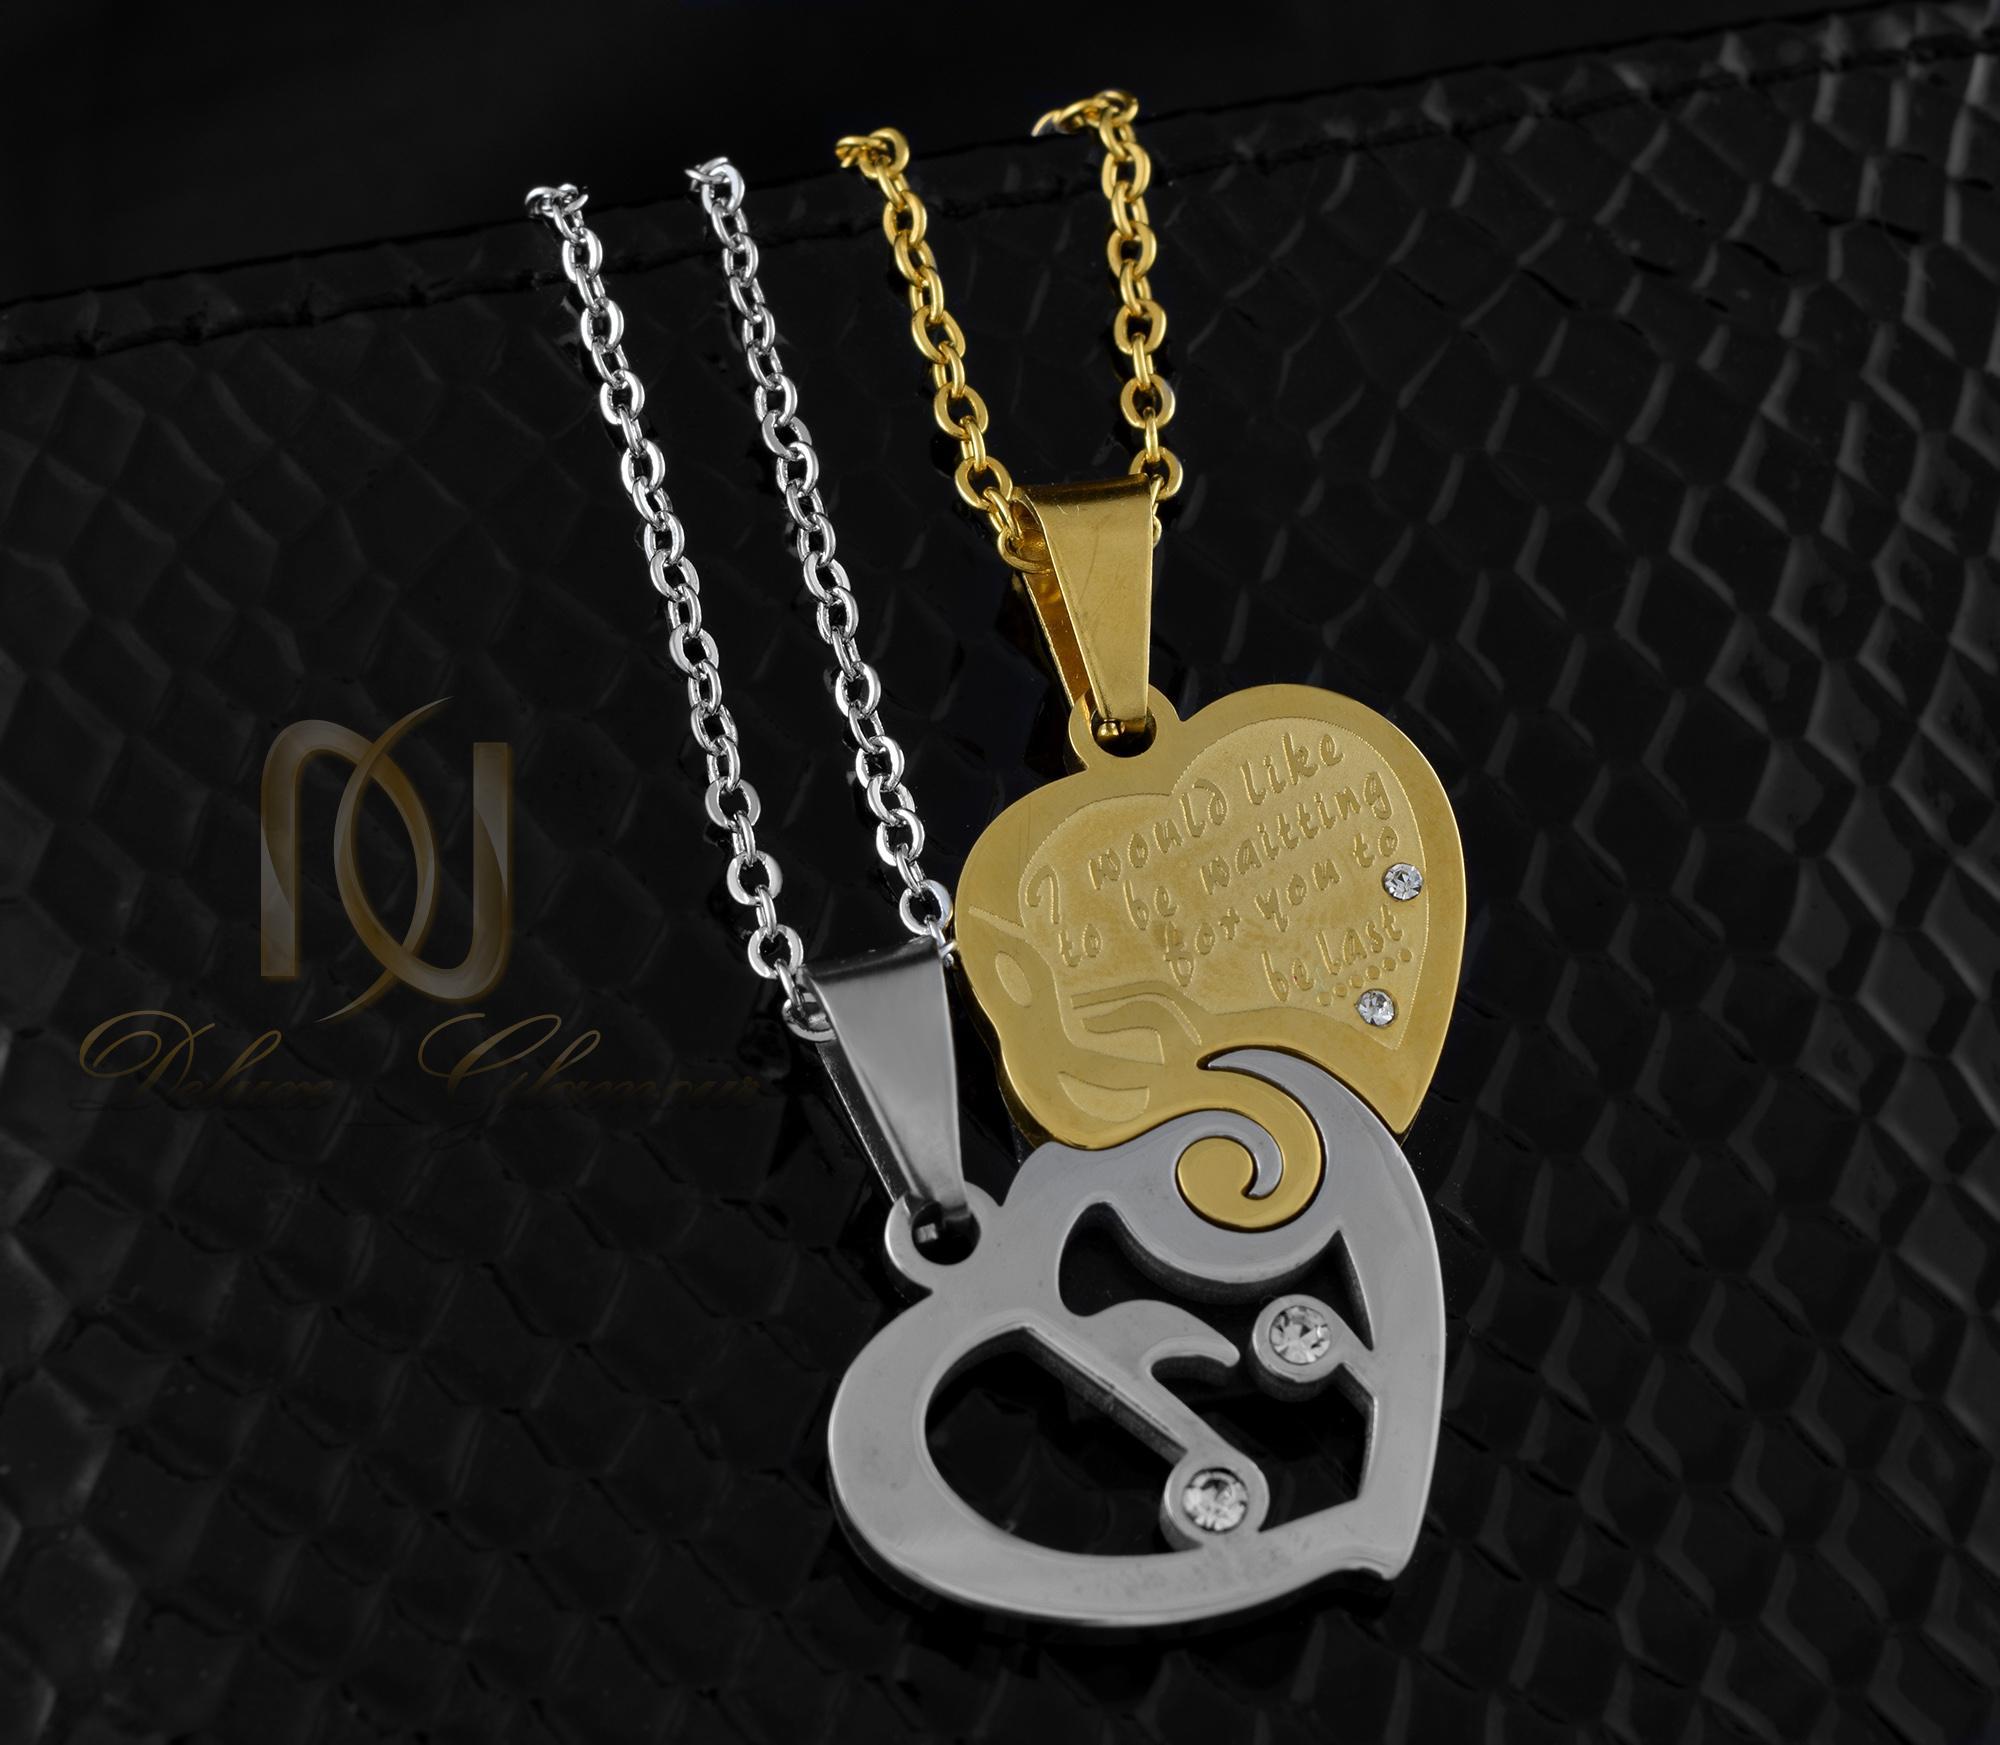 گردنبند ست طرح قلب و کلید سل mf-n113